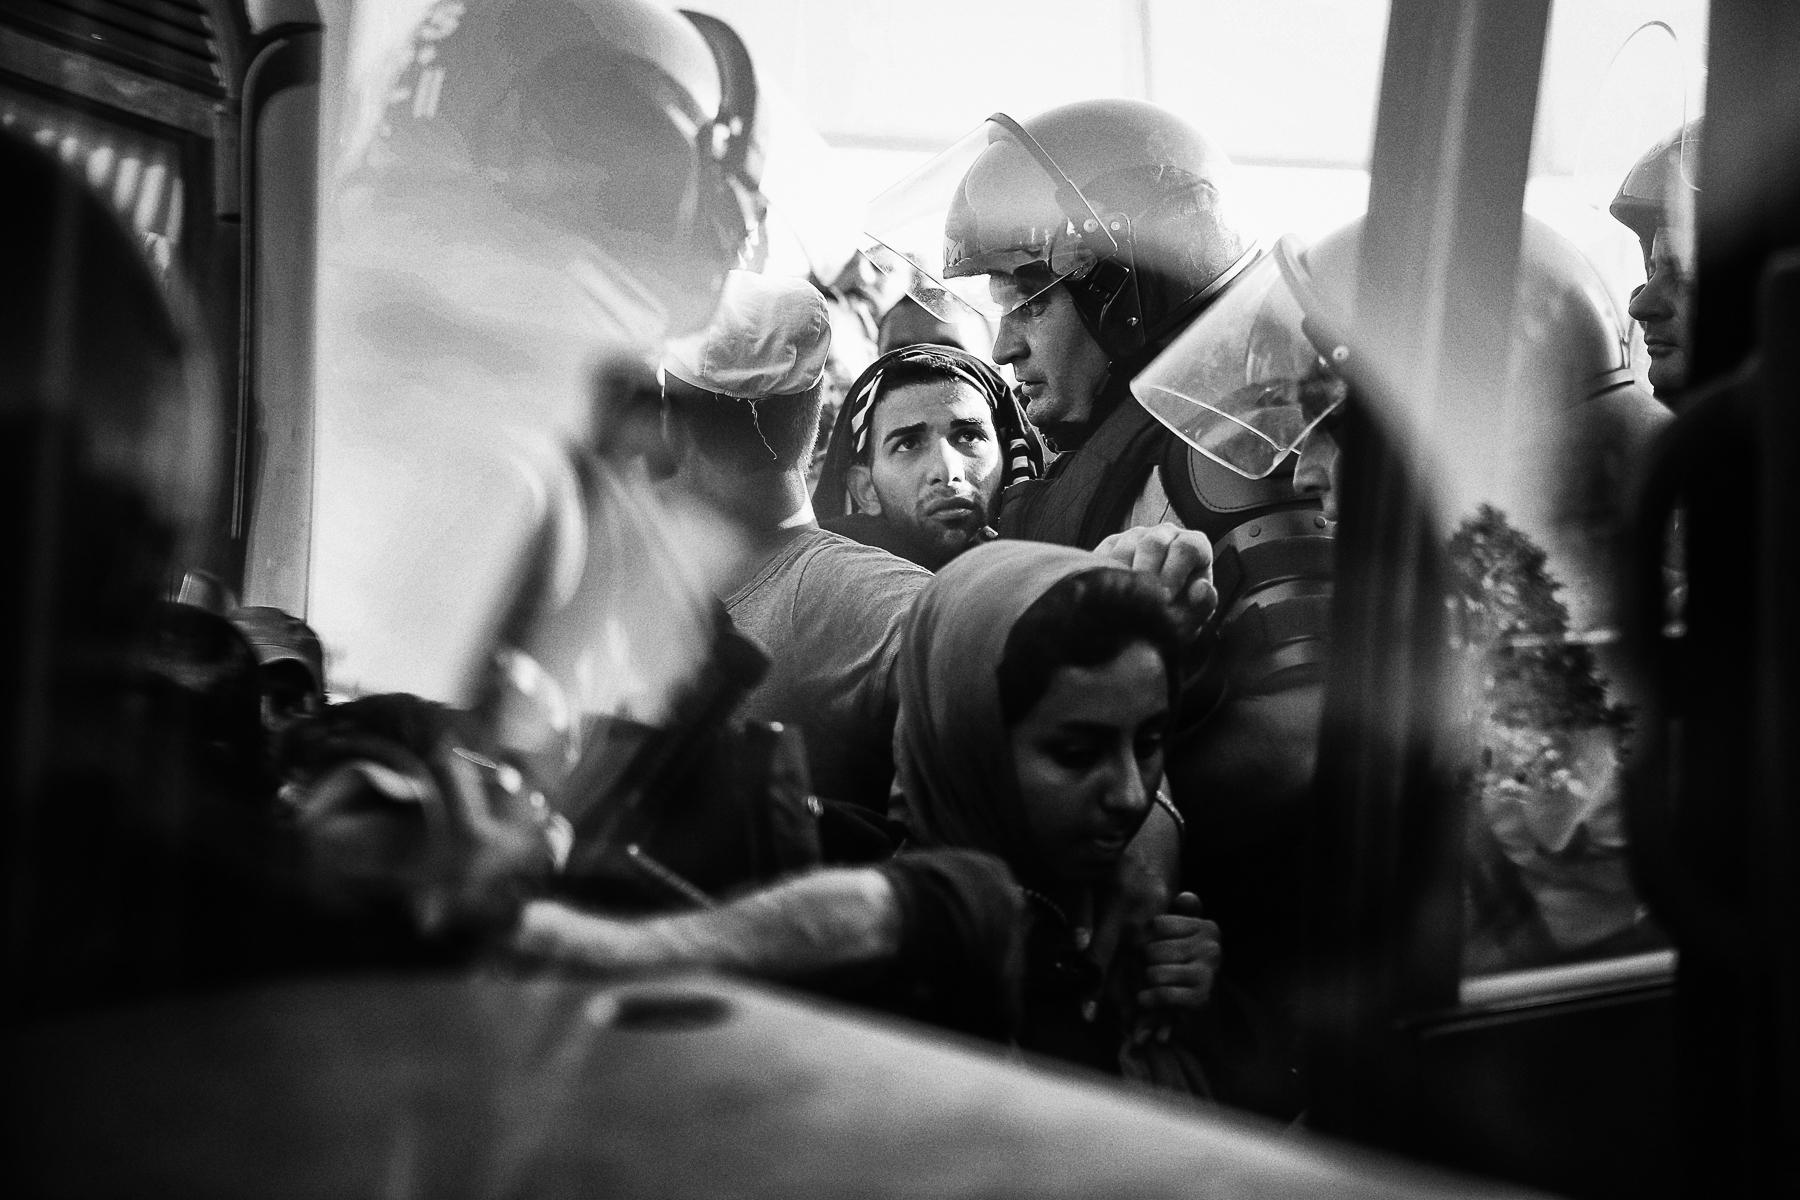 Dans les villes de Tovarnic et Beli Monasti des réfugiés venat d\'Afghanistan, d\'Irak, du Pakistan ...mais surtout d\'Irak cherche à rejoindre la frontière nord des Balkans, la Slovénie afin de rejoindre l\'Allemegne par l\'Autriche. Ils voyages souvent en famille, accompagnés de très jeunes enfants parfois de nourissons. Les conditions de vie qu\'ils subissent pendant ce voyage sont très éprouvantes moralement et physiquement, écrasés par la chaleur (35°) de cette fin d\'été continental.